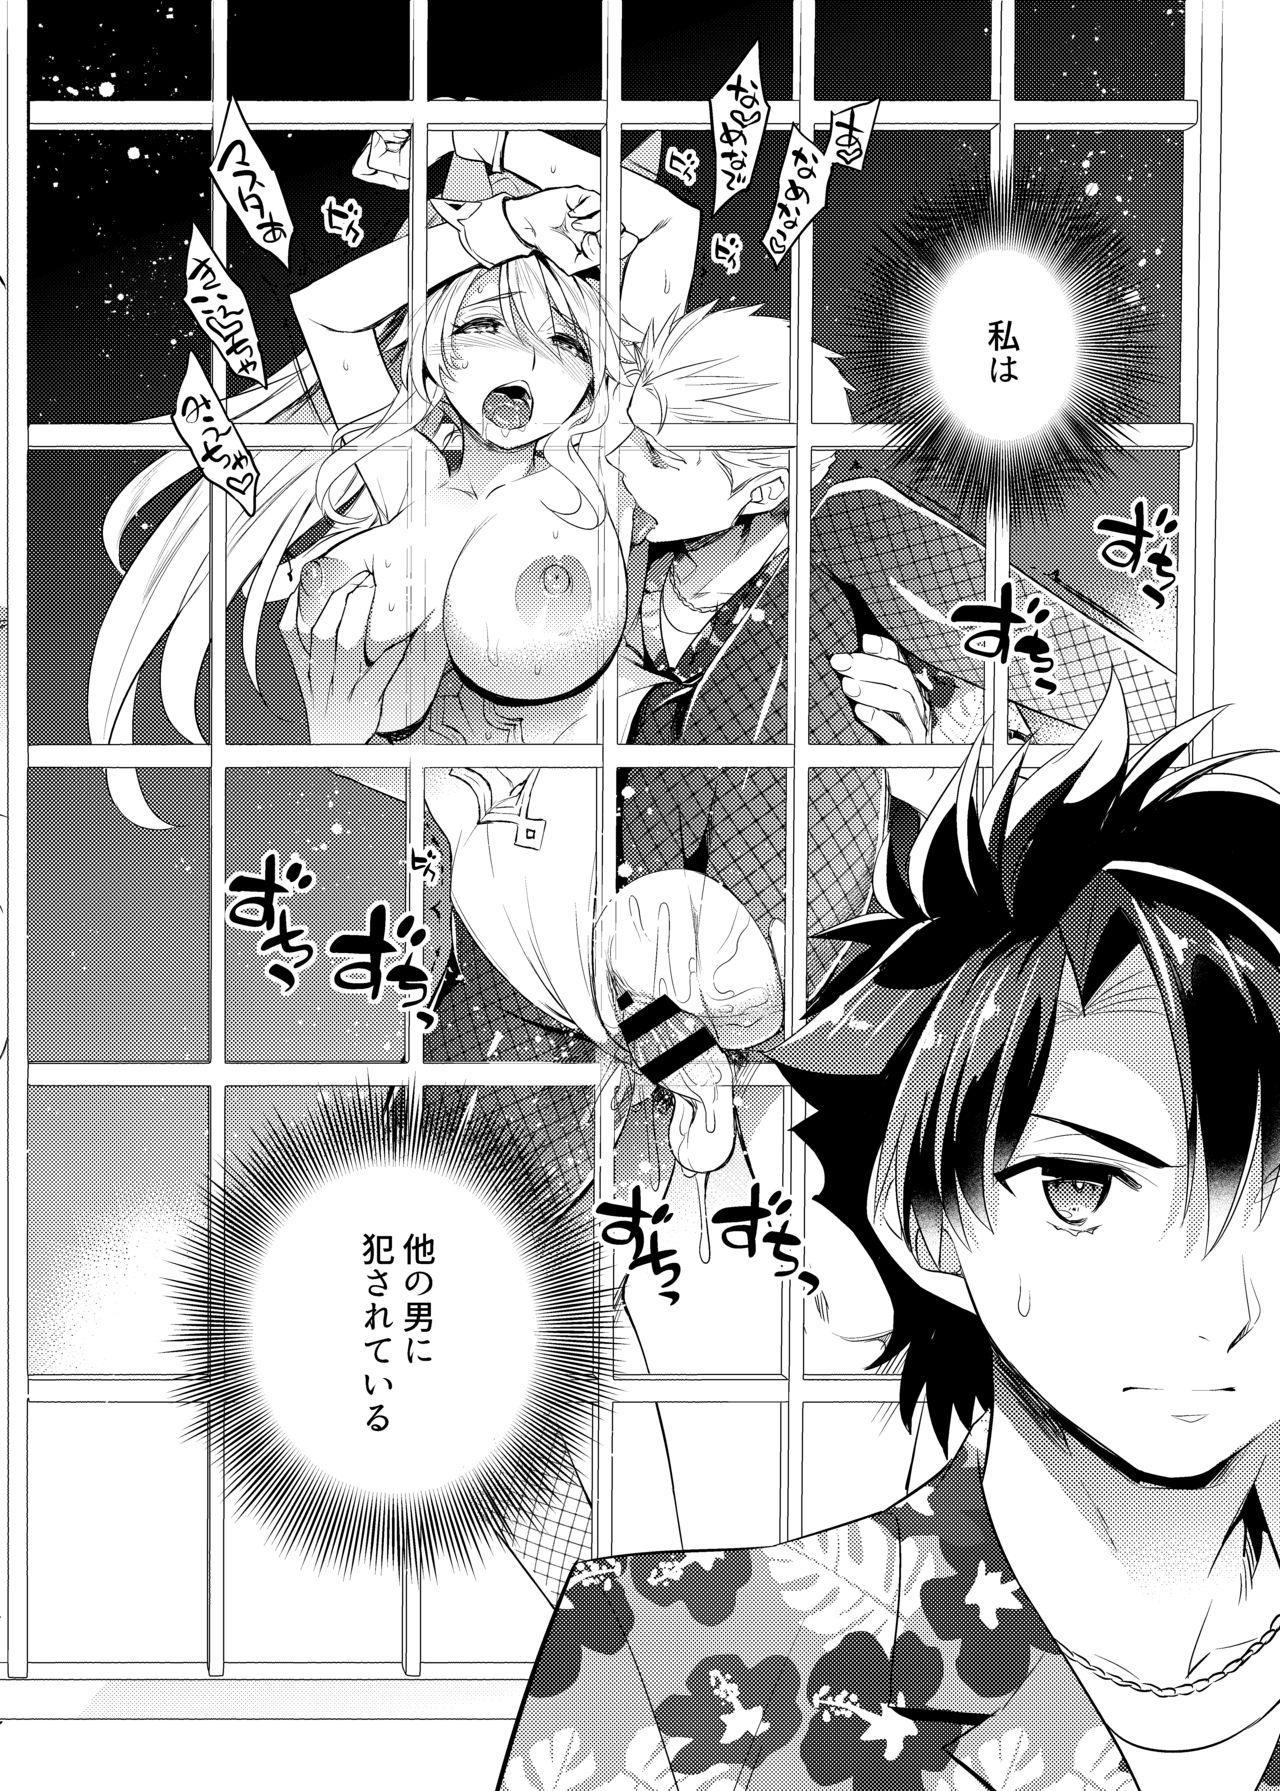 Shinjite Okuridashita Artoria ga NTR reru nante... 3 16